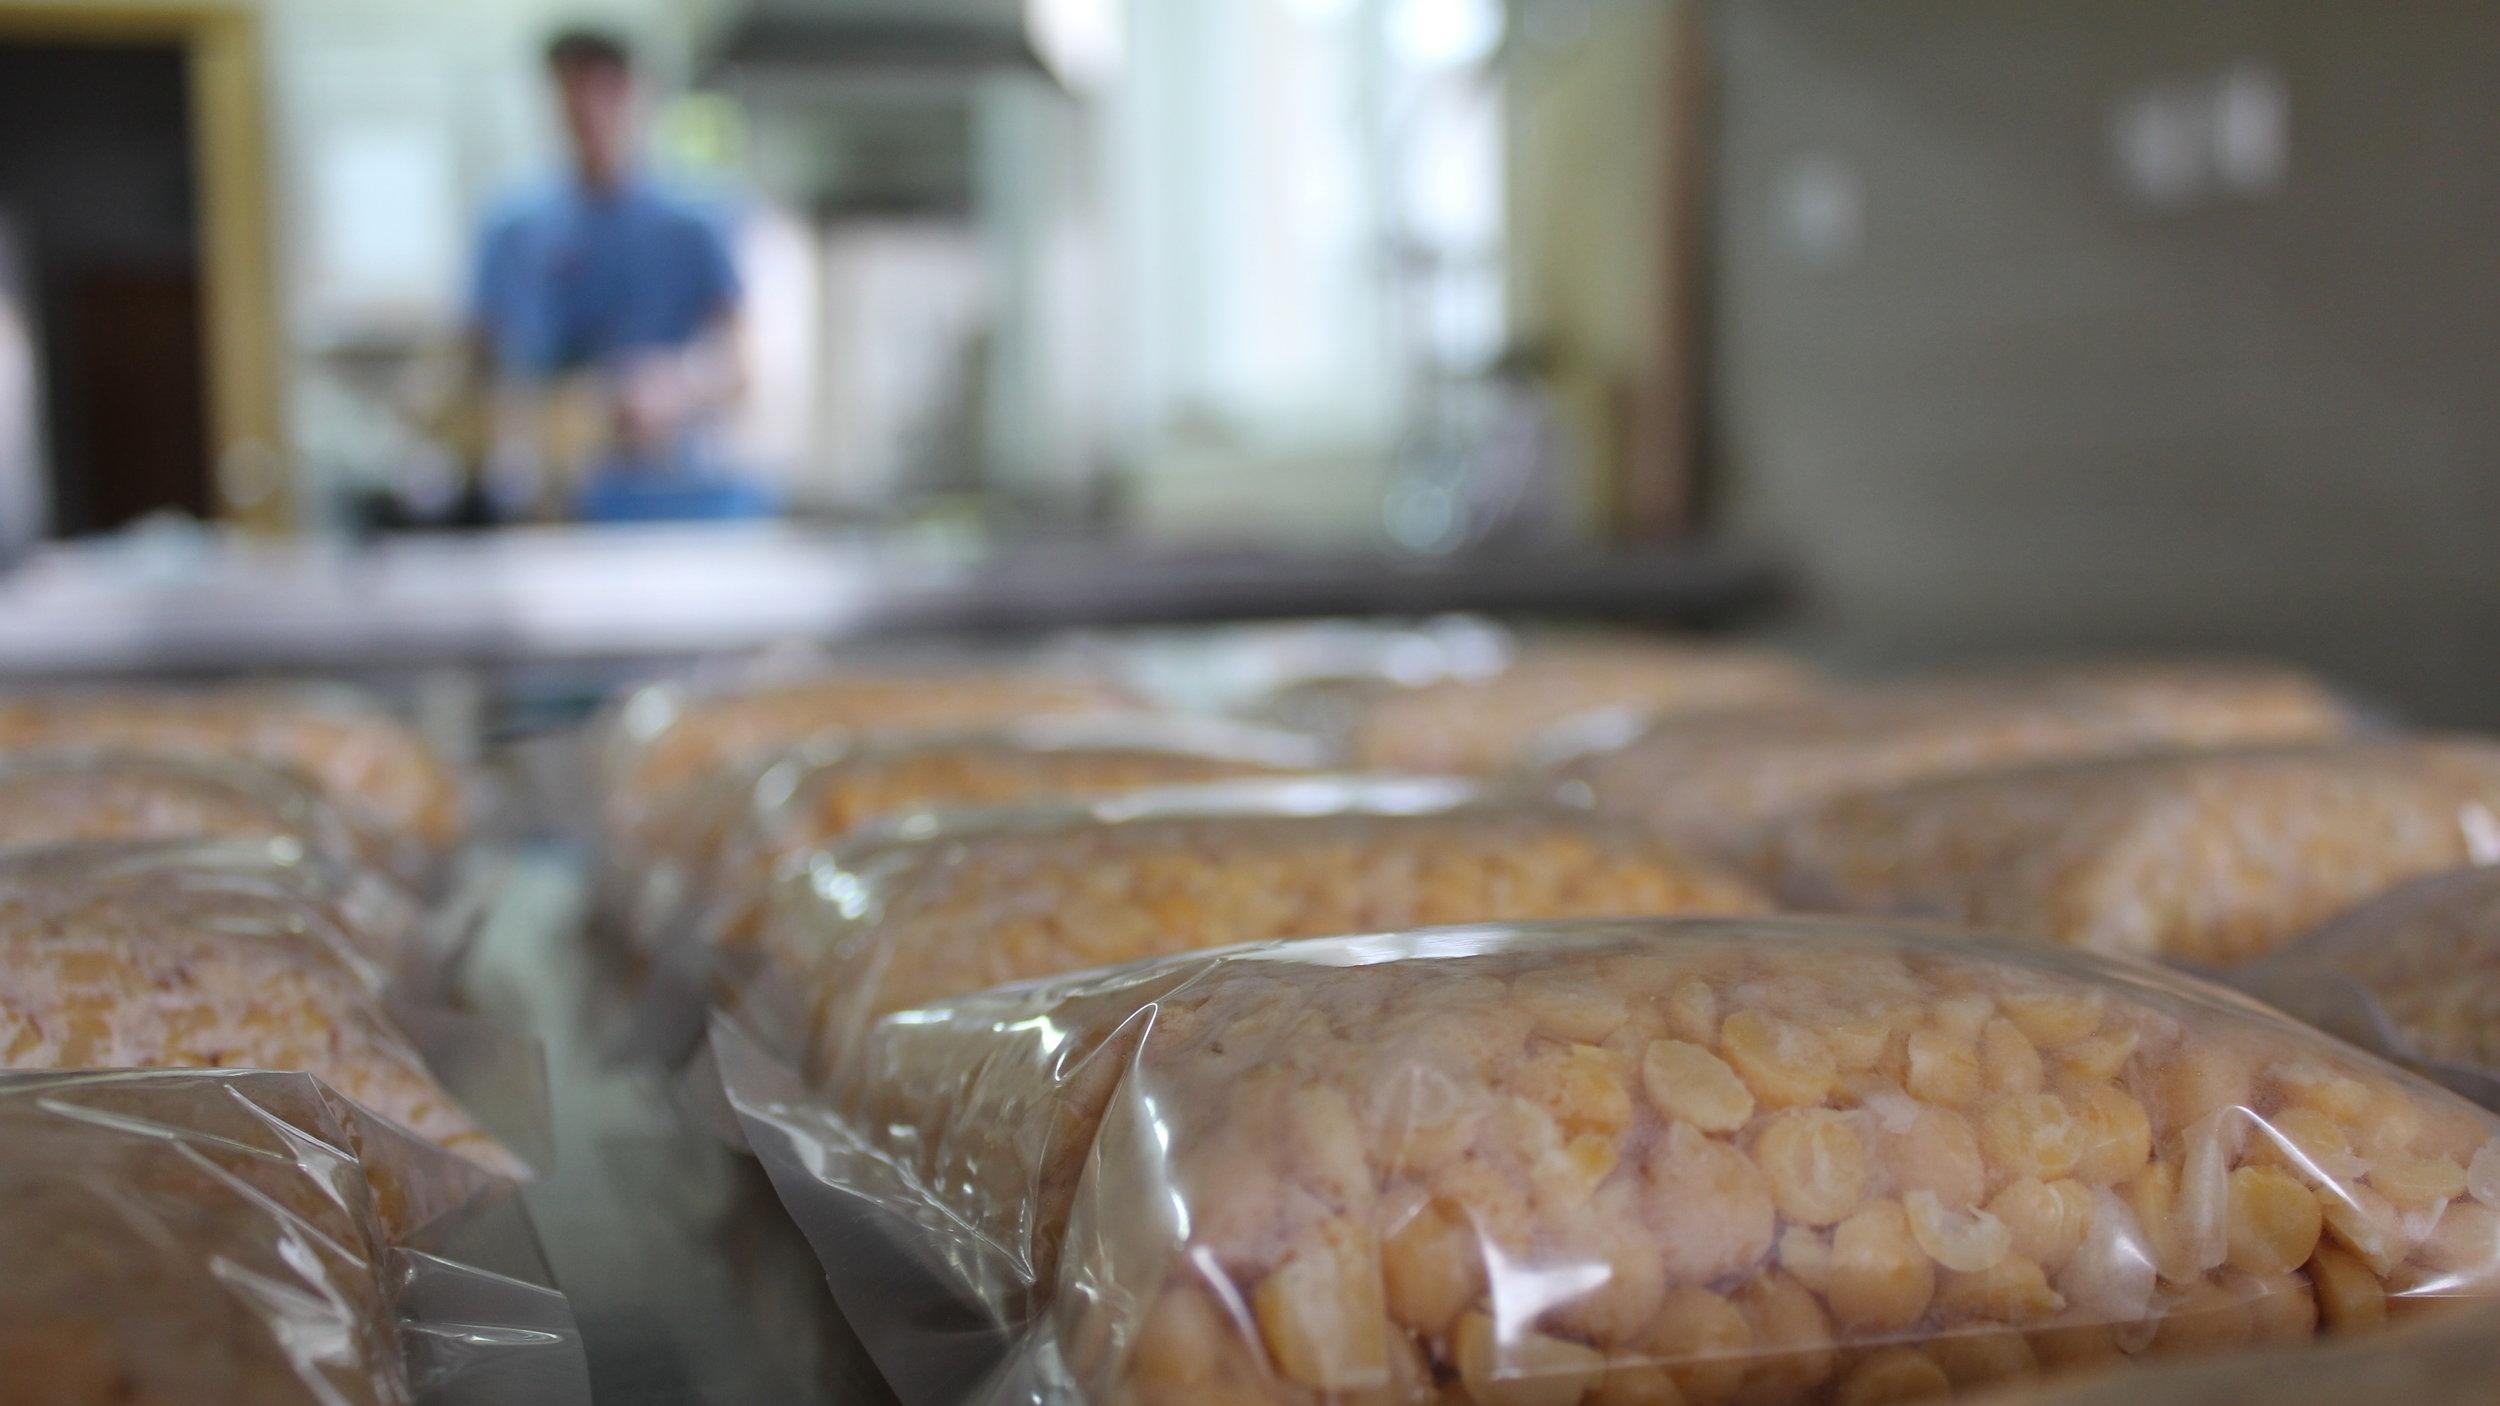 Žepki s čičeriko so pripravljeni na to, da jih zložimo v inkubator, kjer bodo postali tempeh.